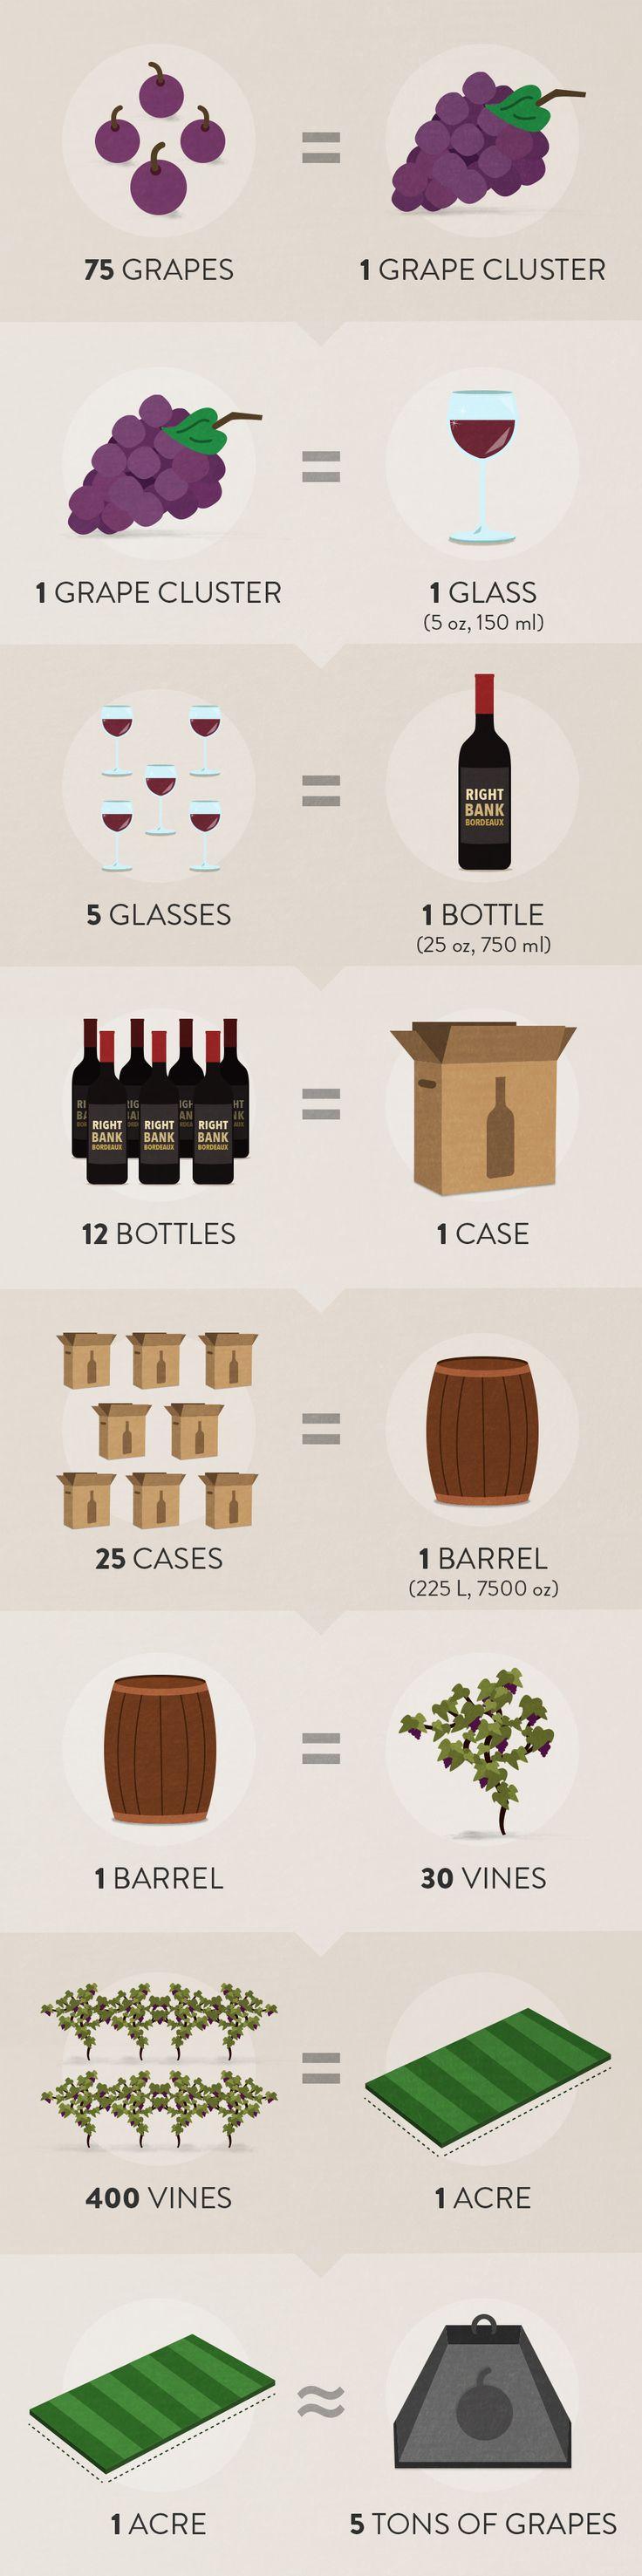 Les mathématiques du vin. Combien de raisins pour un verre de vin ?